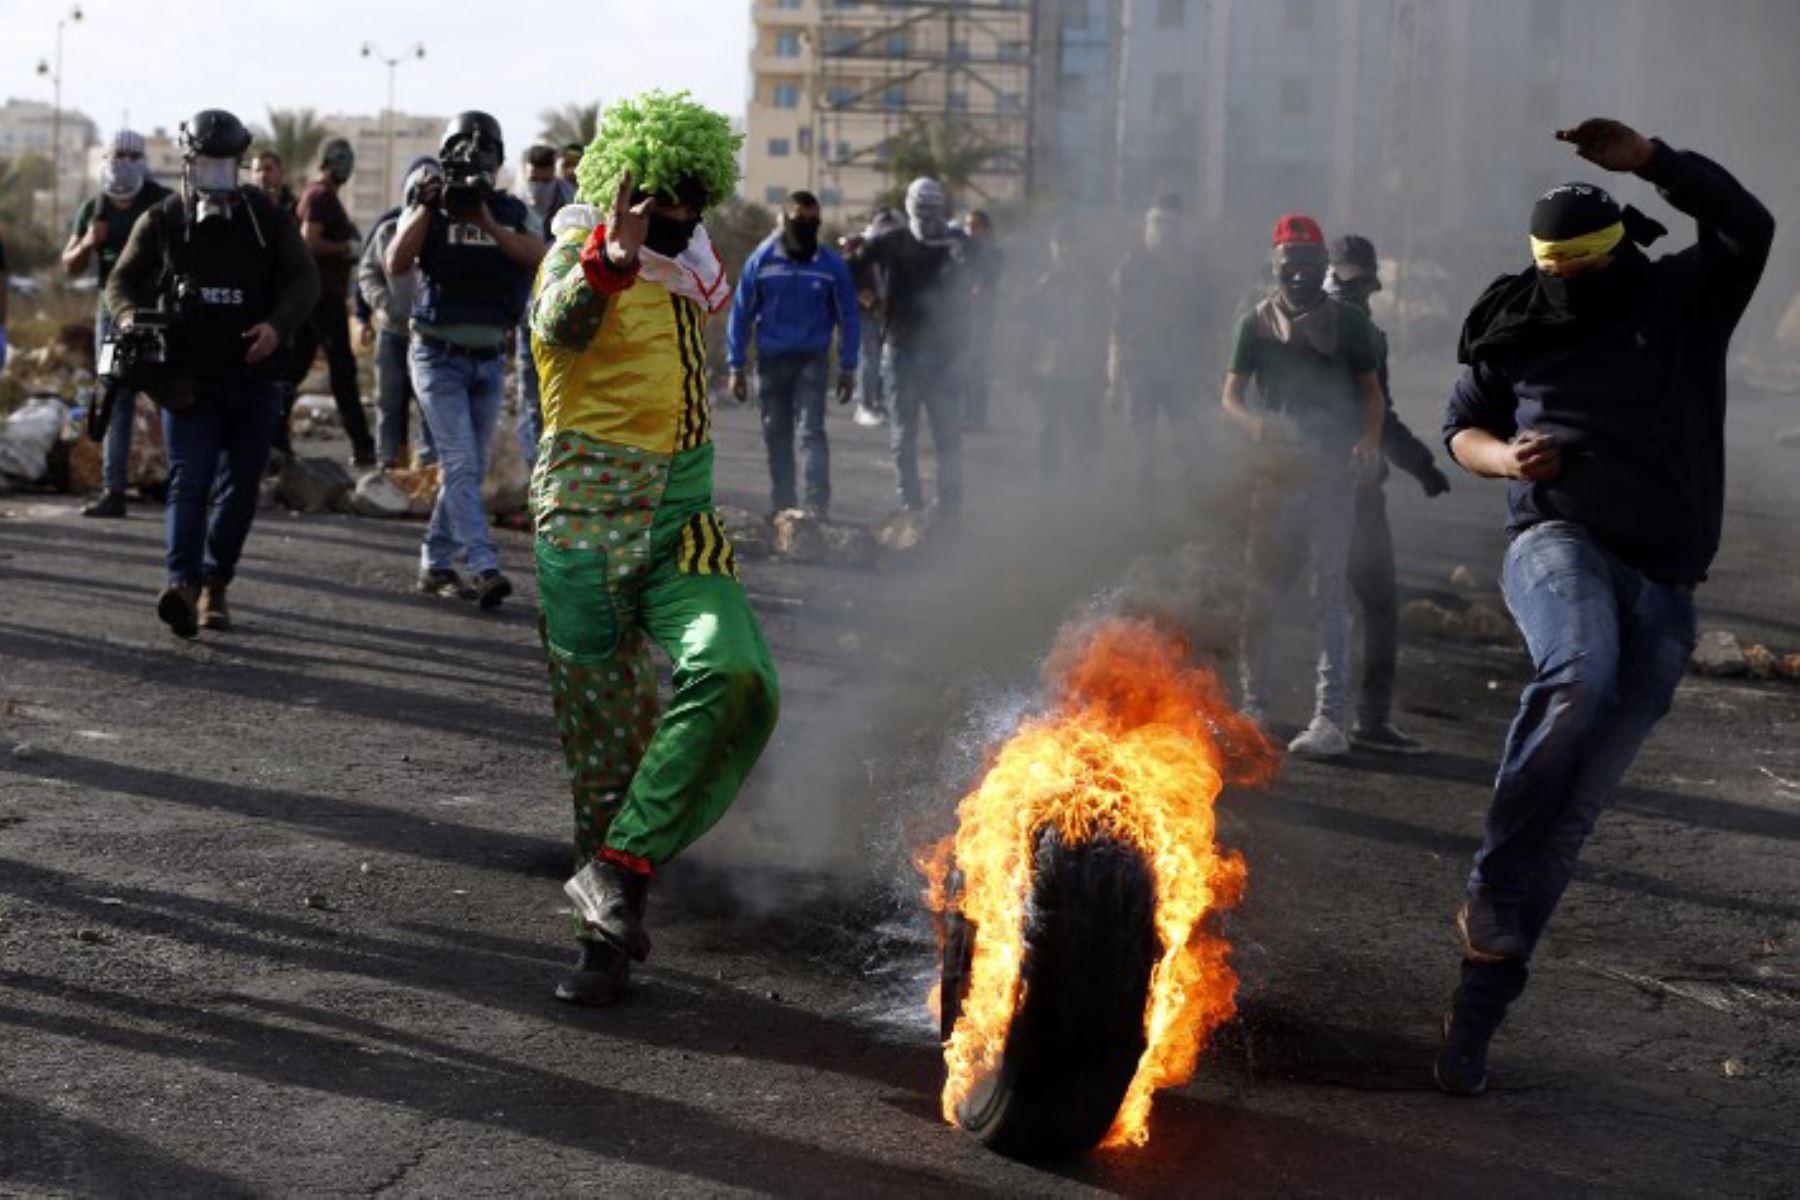 Fuerzas de seguridad israelíes se enfrentan con manifestantes palestinos en Cisjordania. Foto: AFP